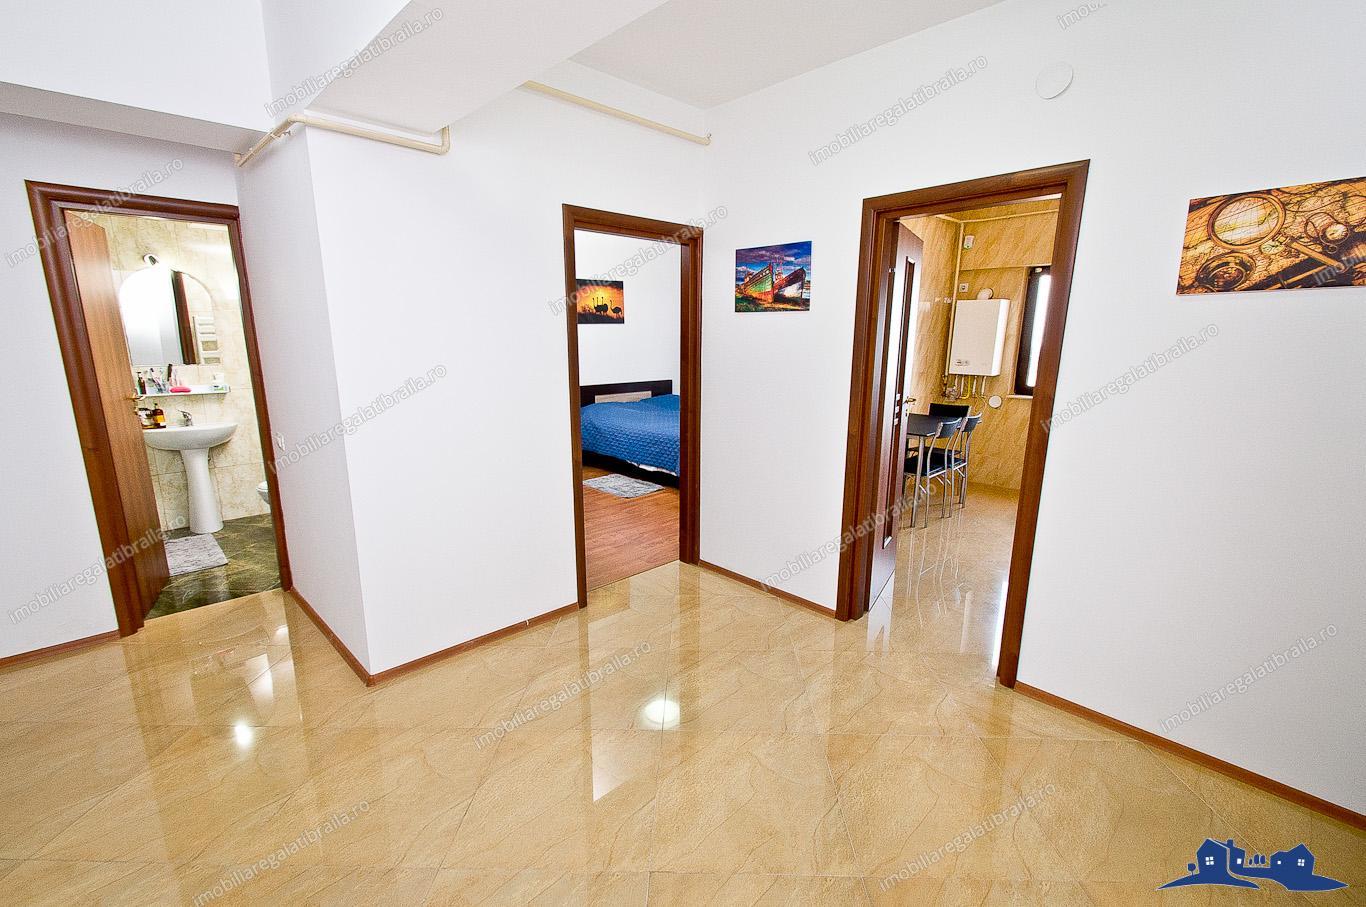 vanzare apartament 2 camere in galati bdul cosbuc